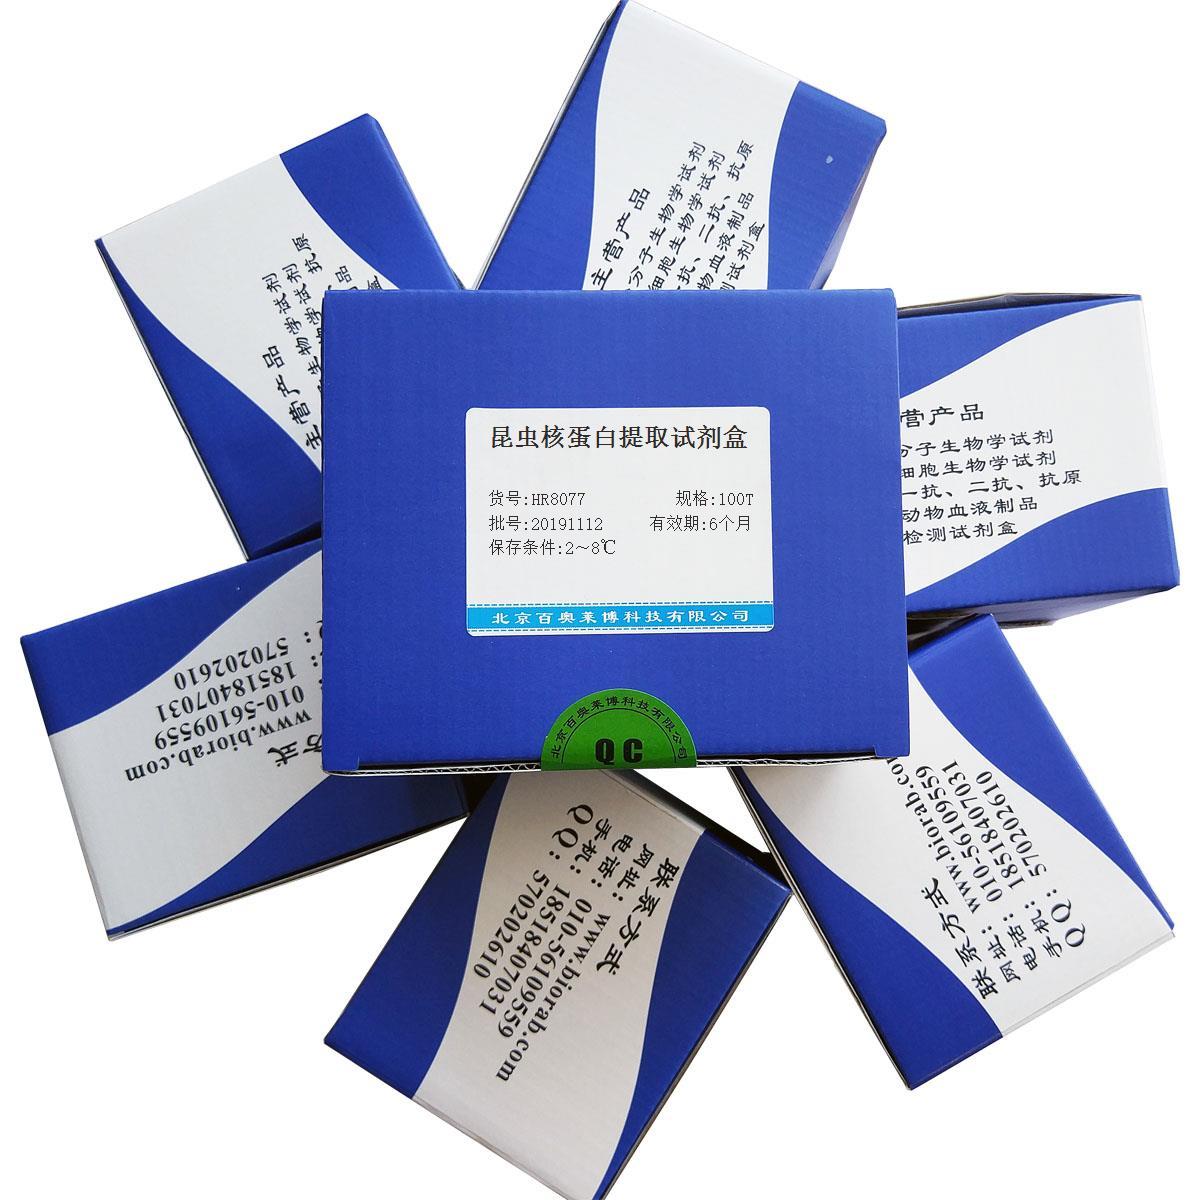 昆虫核蛋白提取试剂盒北京厂家